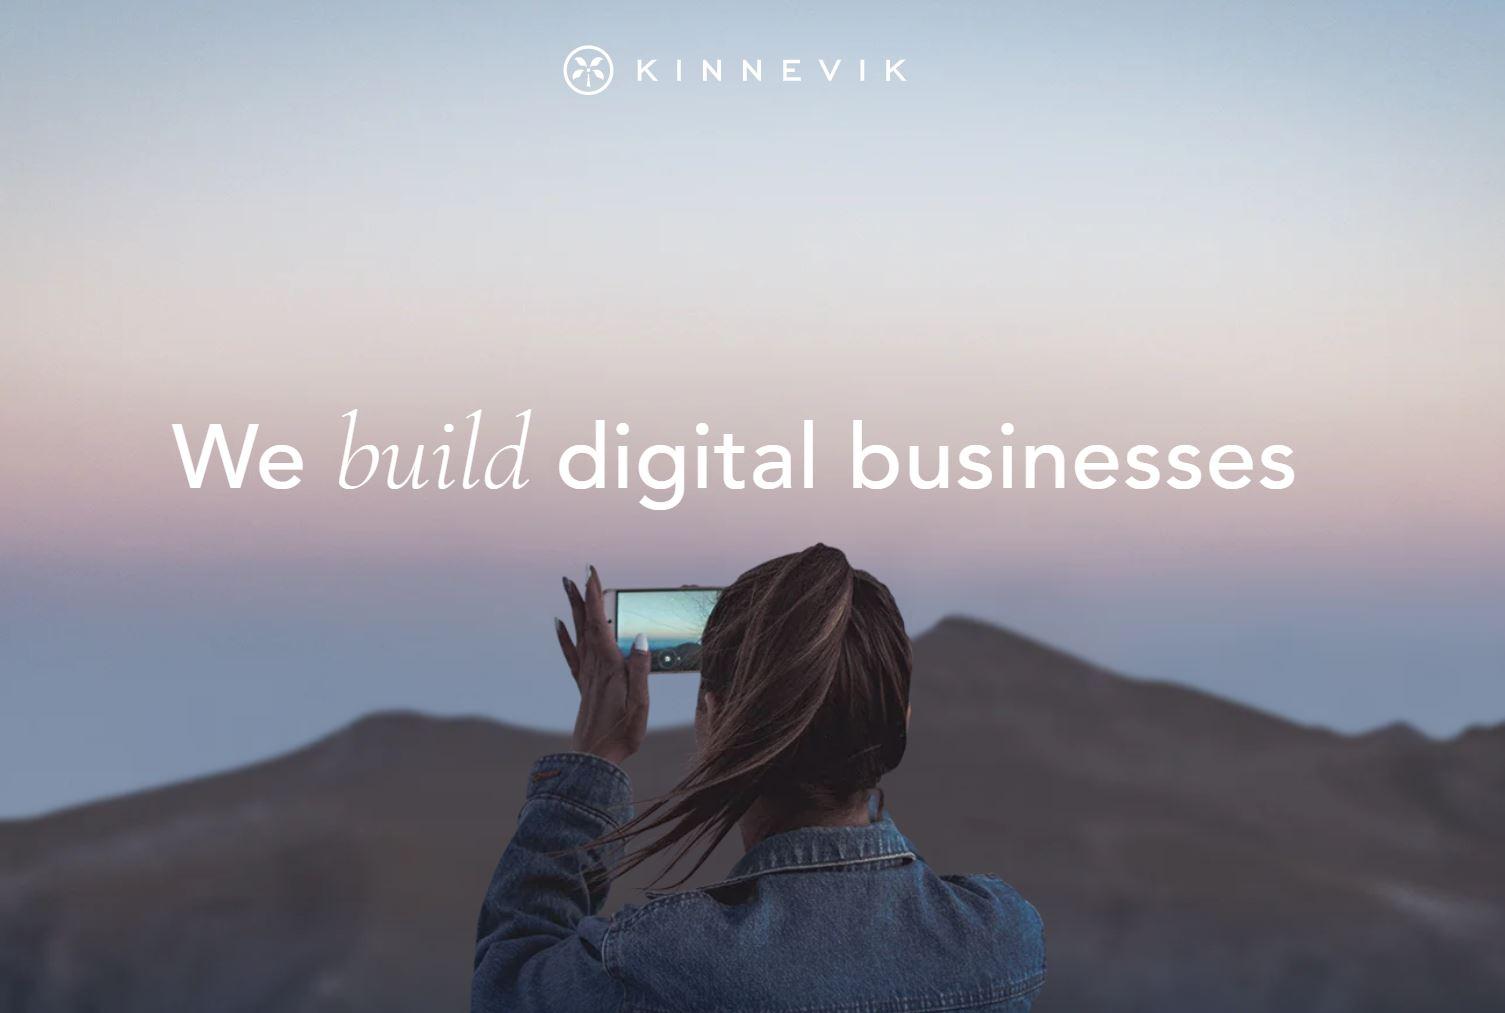 Kinneviks slogan